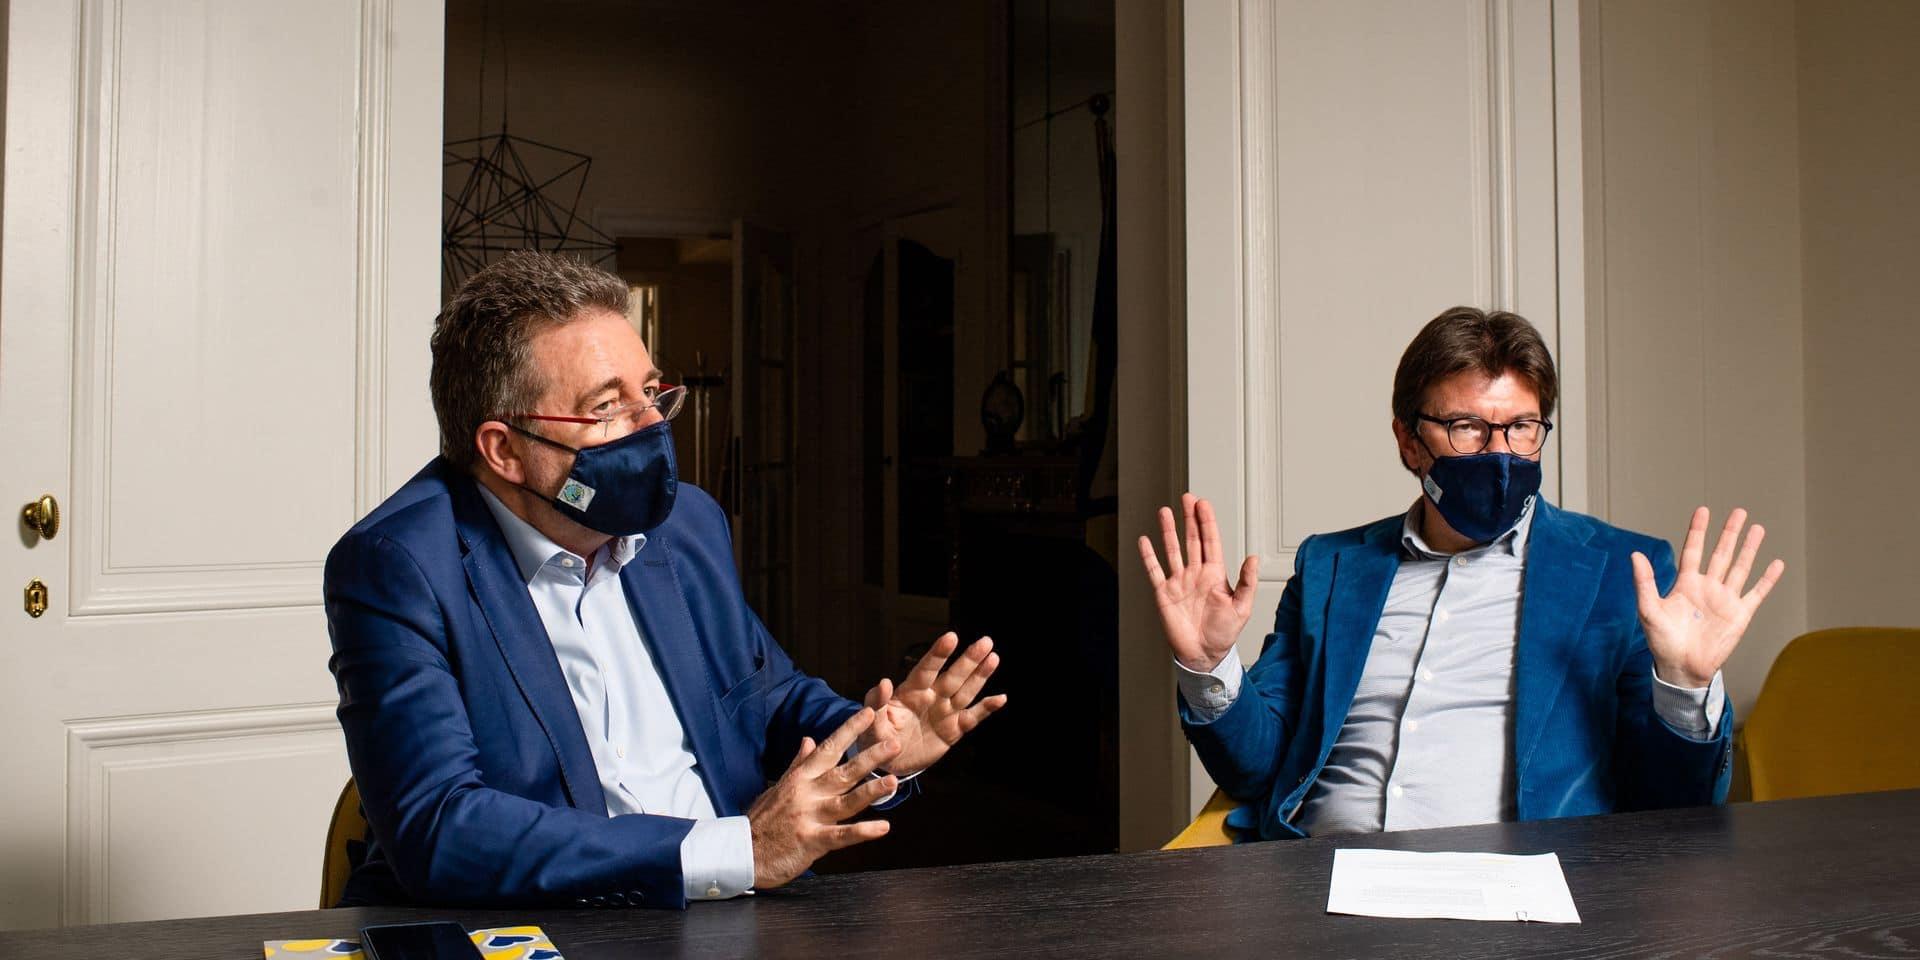 Bruxelles - Cabinet du Ministre President: Rudi Vervoort - Ministre-président de la Région de Bruxelles-Capitale (PS) et Sven Gatz (Open VLD) ministre des Finances, du Budget, de la Fonction publique et de la Promotion du multilinguisme au sein du bruxe